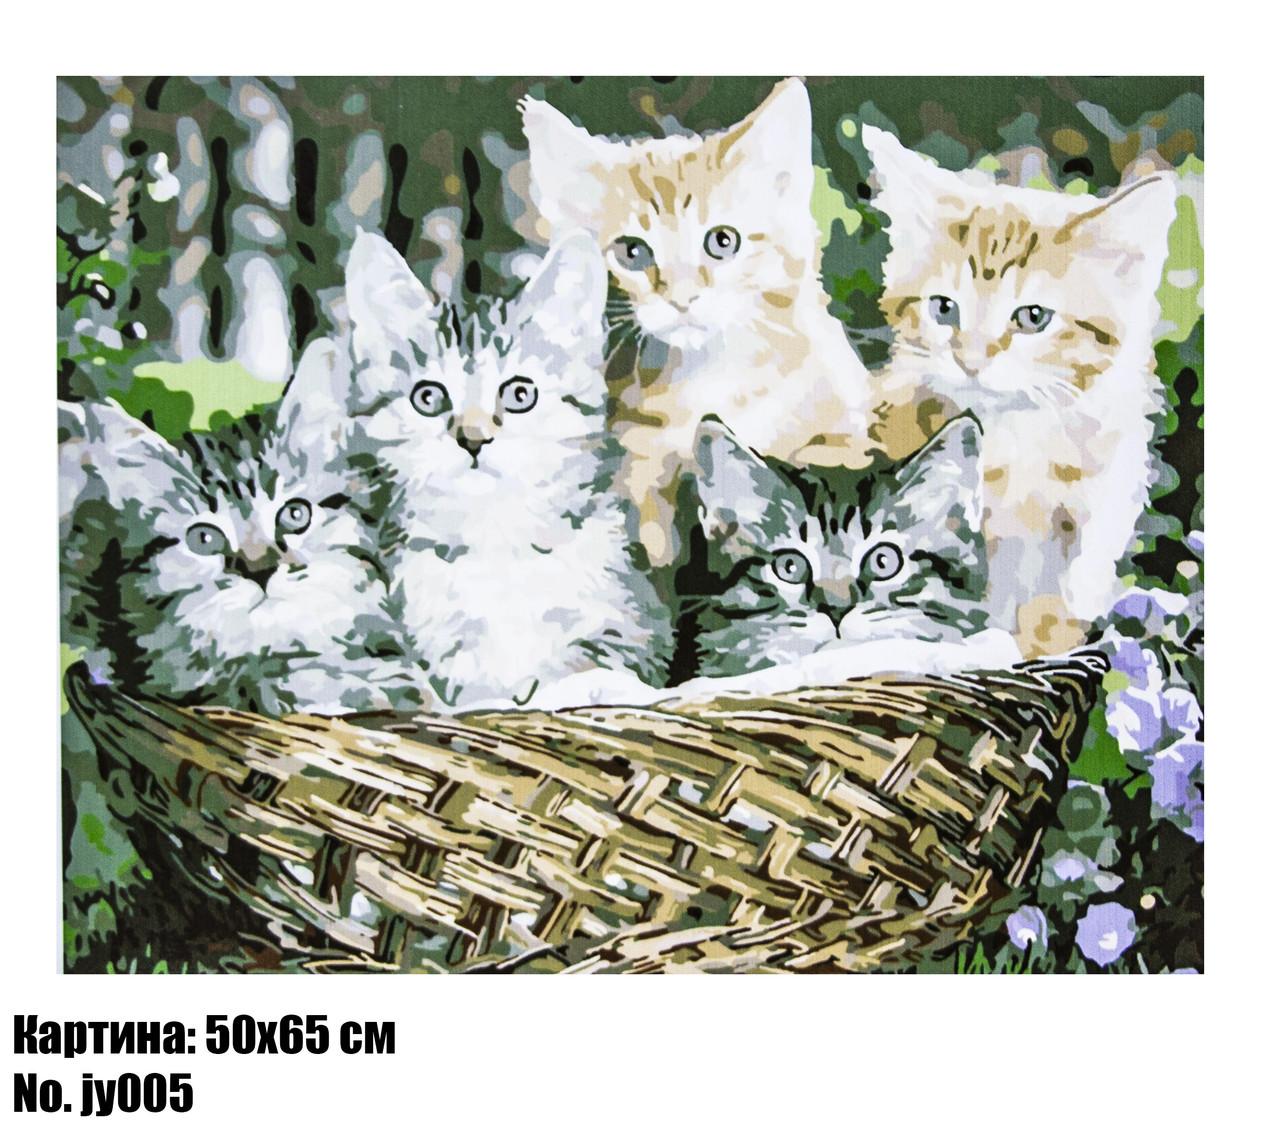 Картина по номерам Коты 50 х 65 см